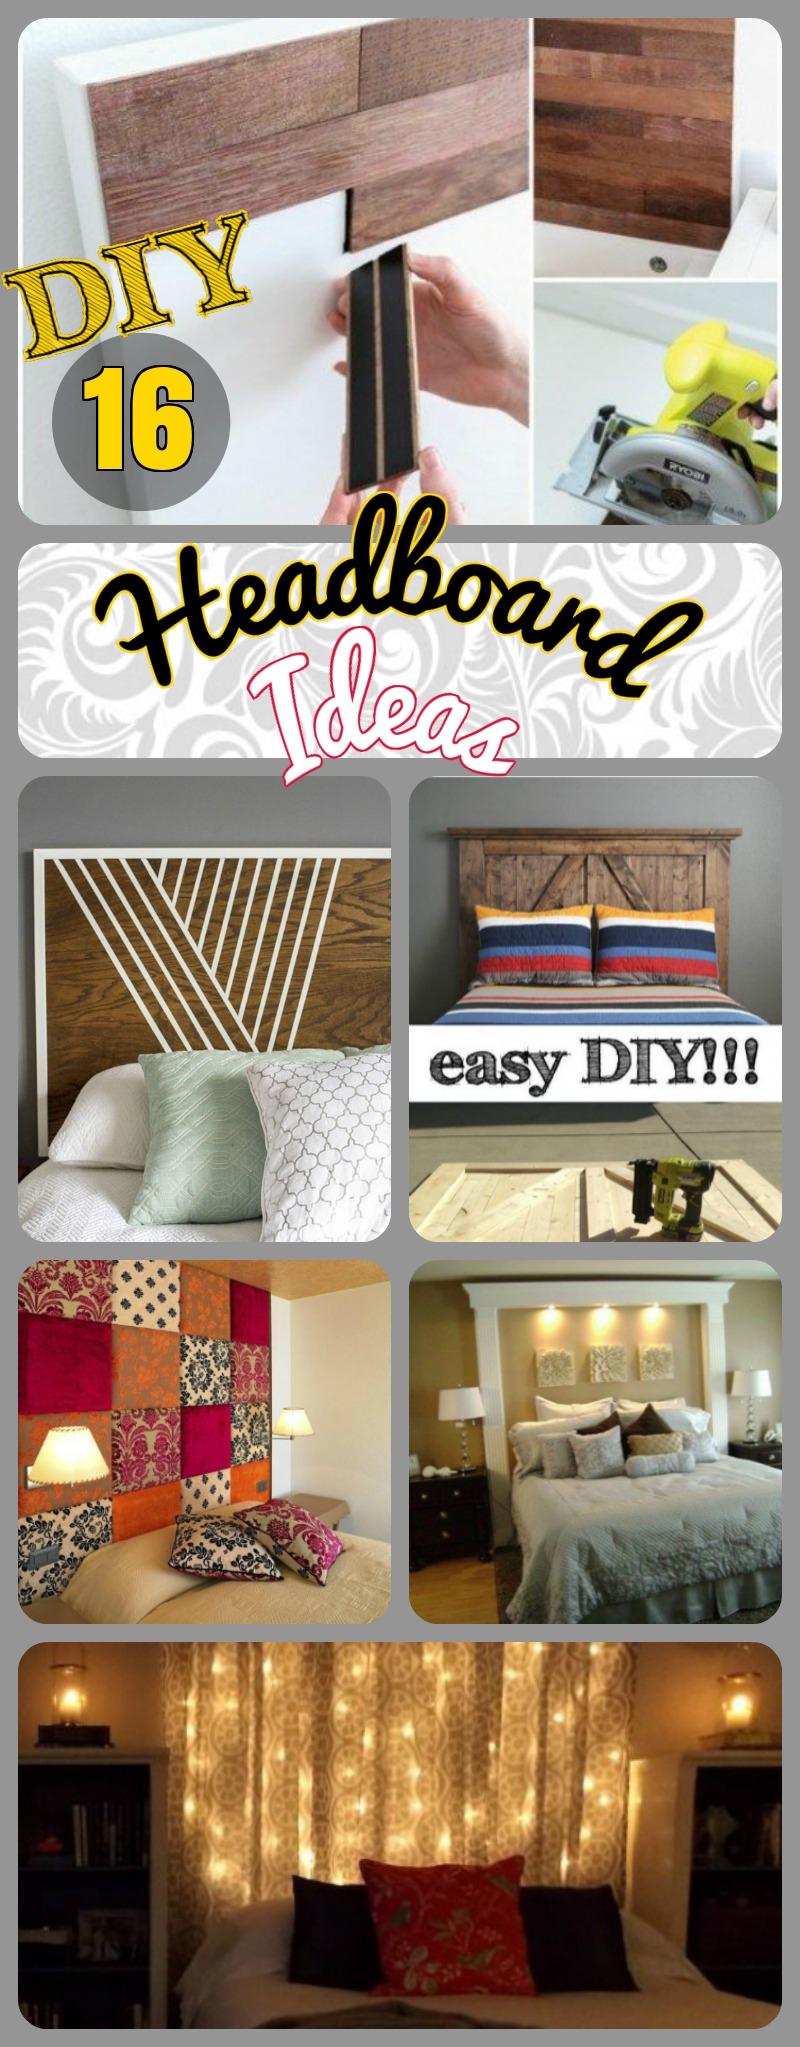 Heabboard Ideas